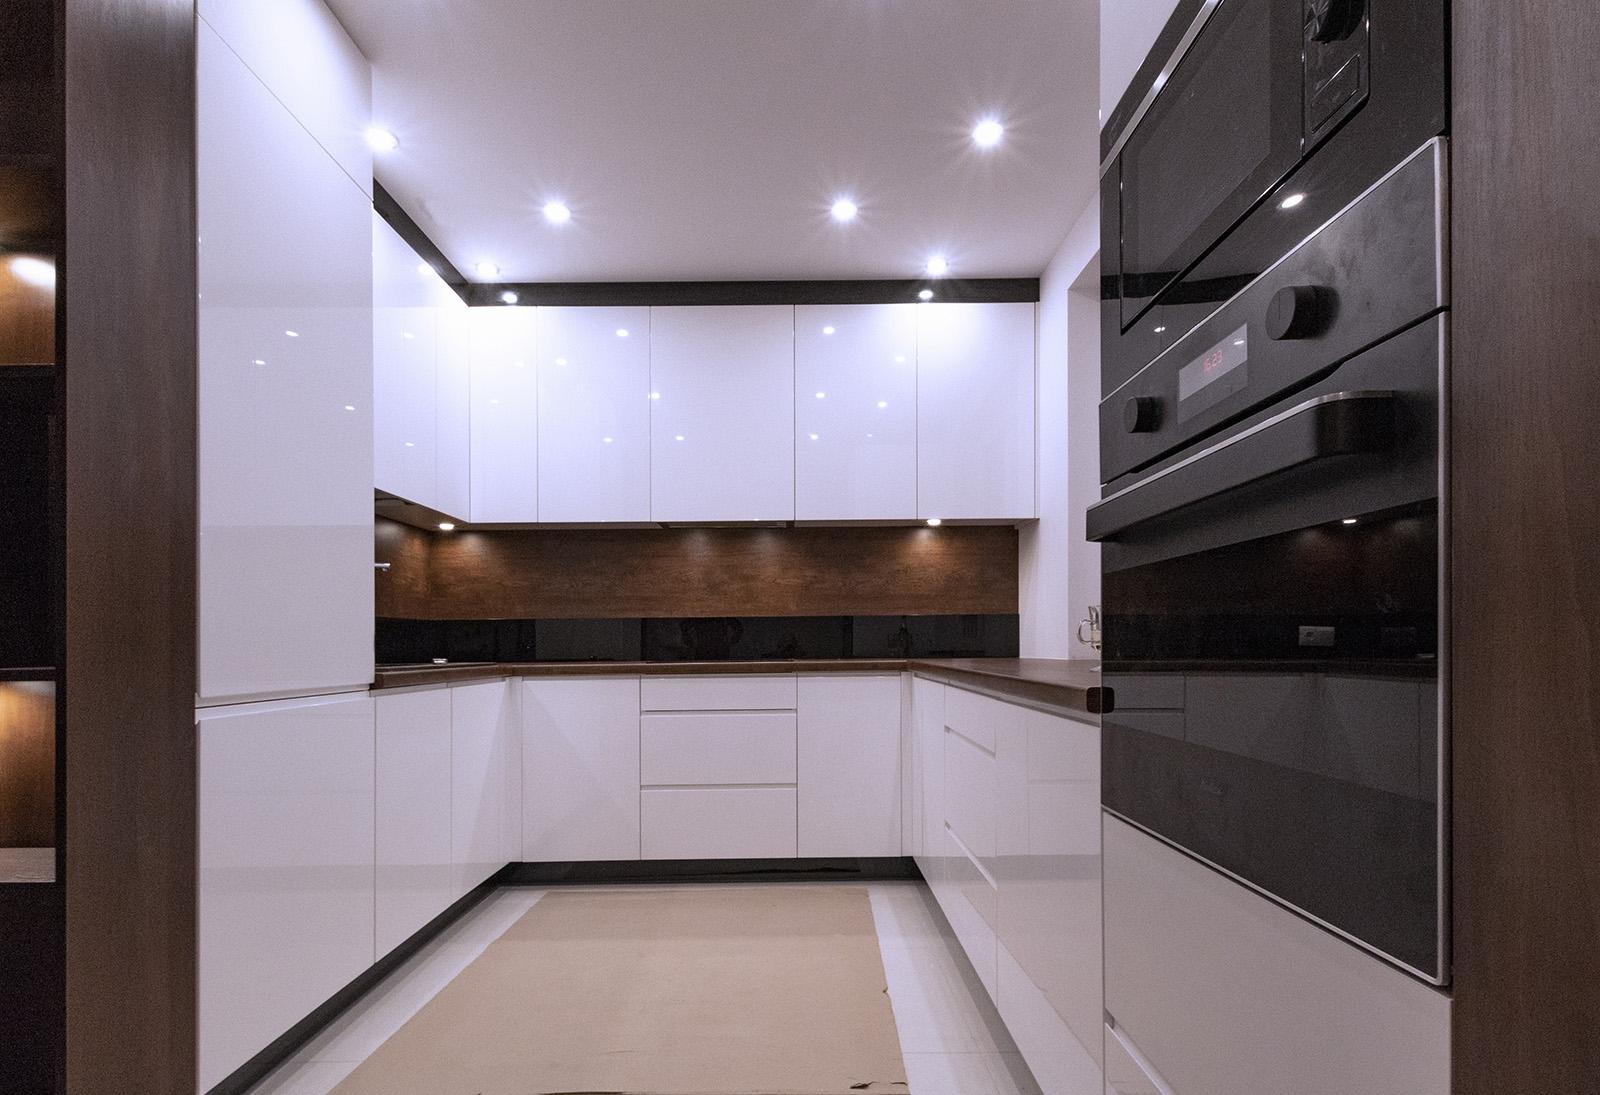 Kuchnia Biały Lakier Z Drewnem Czarnym Mirror Glossem I